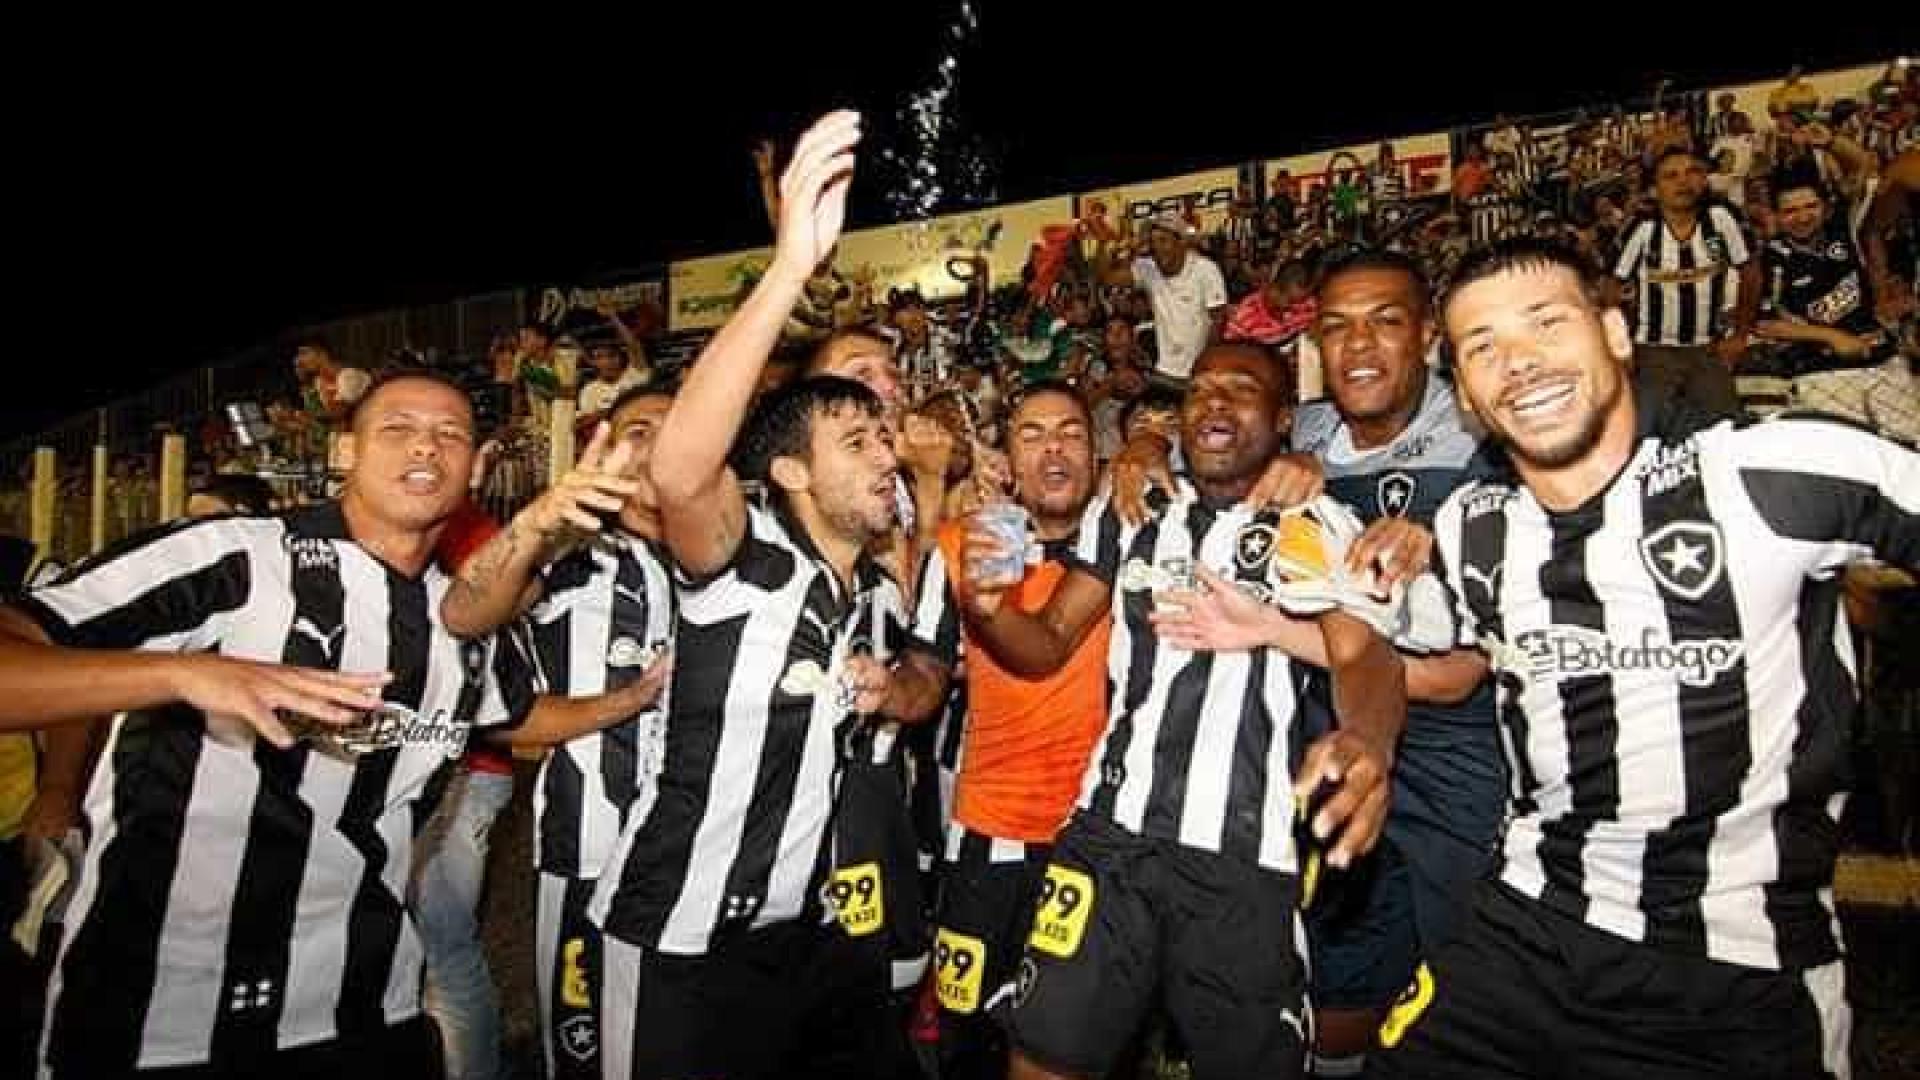 Notícias ao Minuto Brasil - Botafogo vence Luverdense e retorna à ... 33be60c9ababf